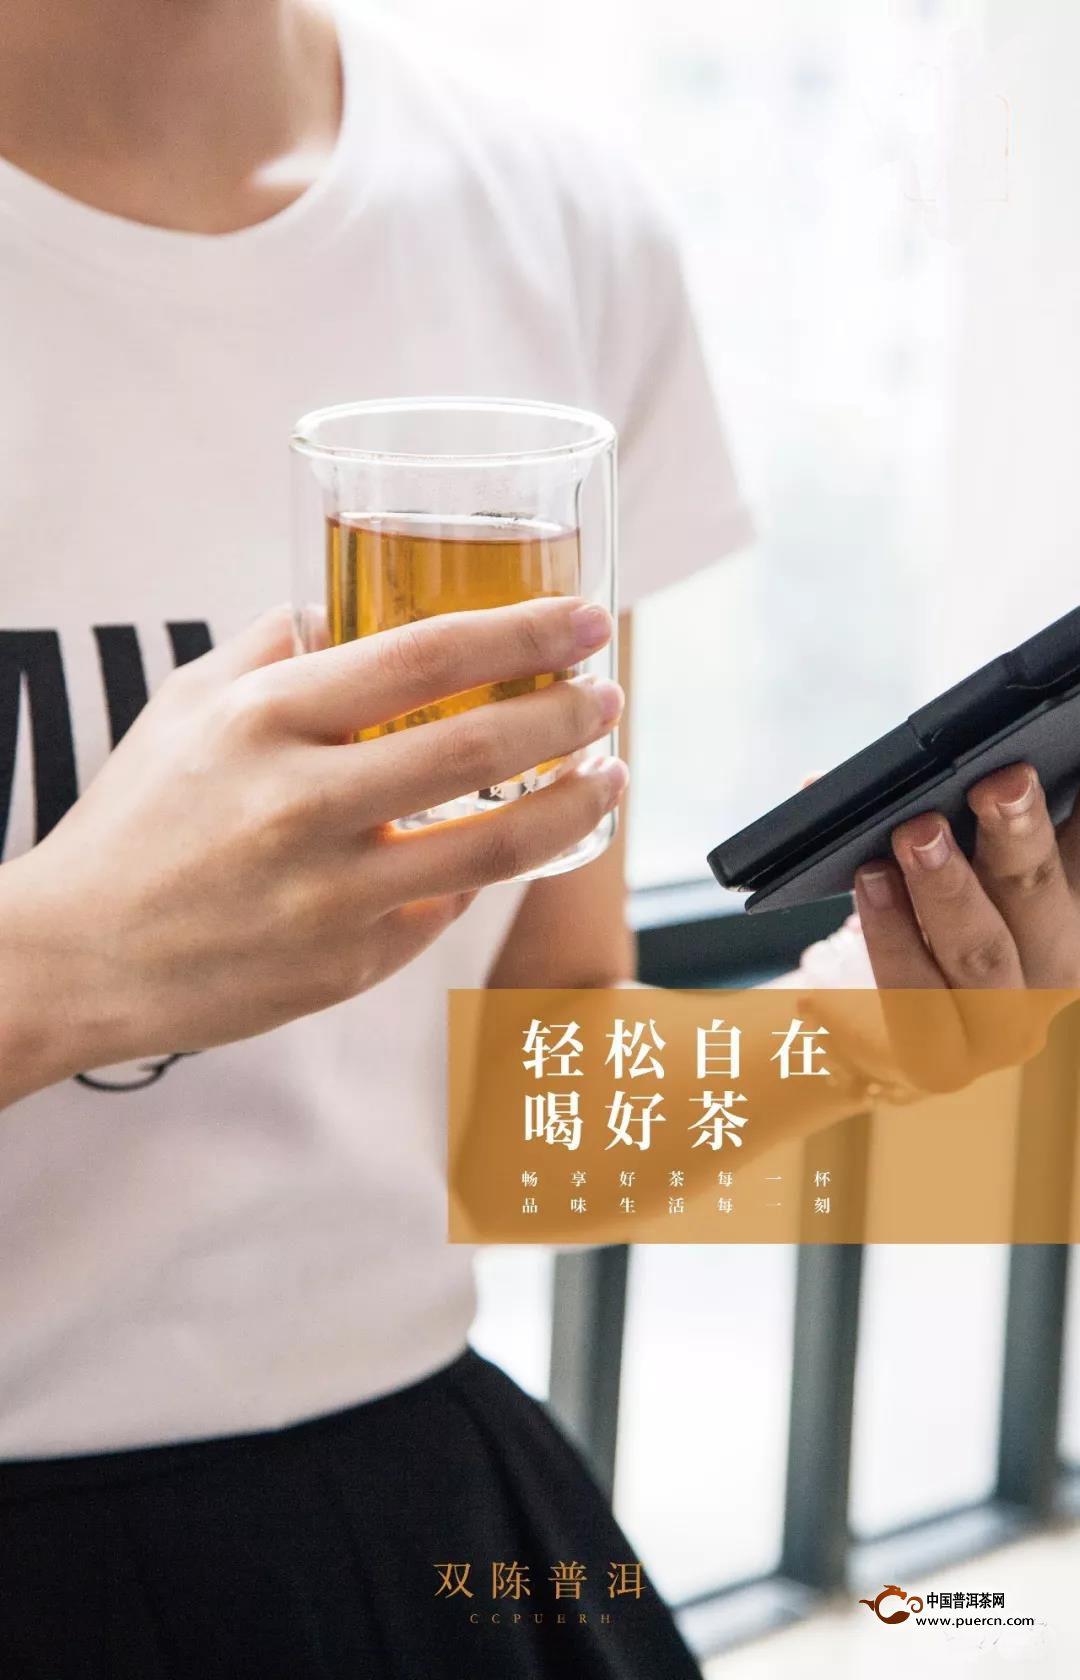 双陈畅品,10月20日正式上市